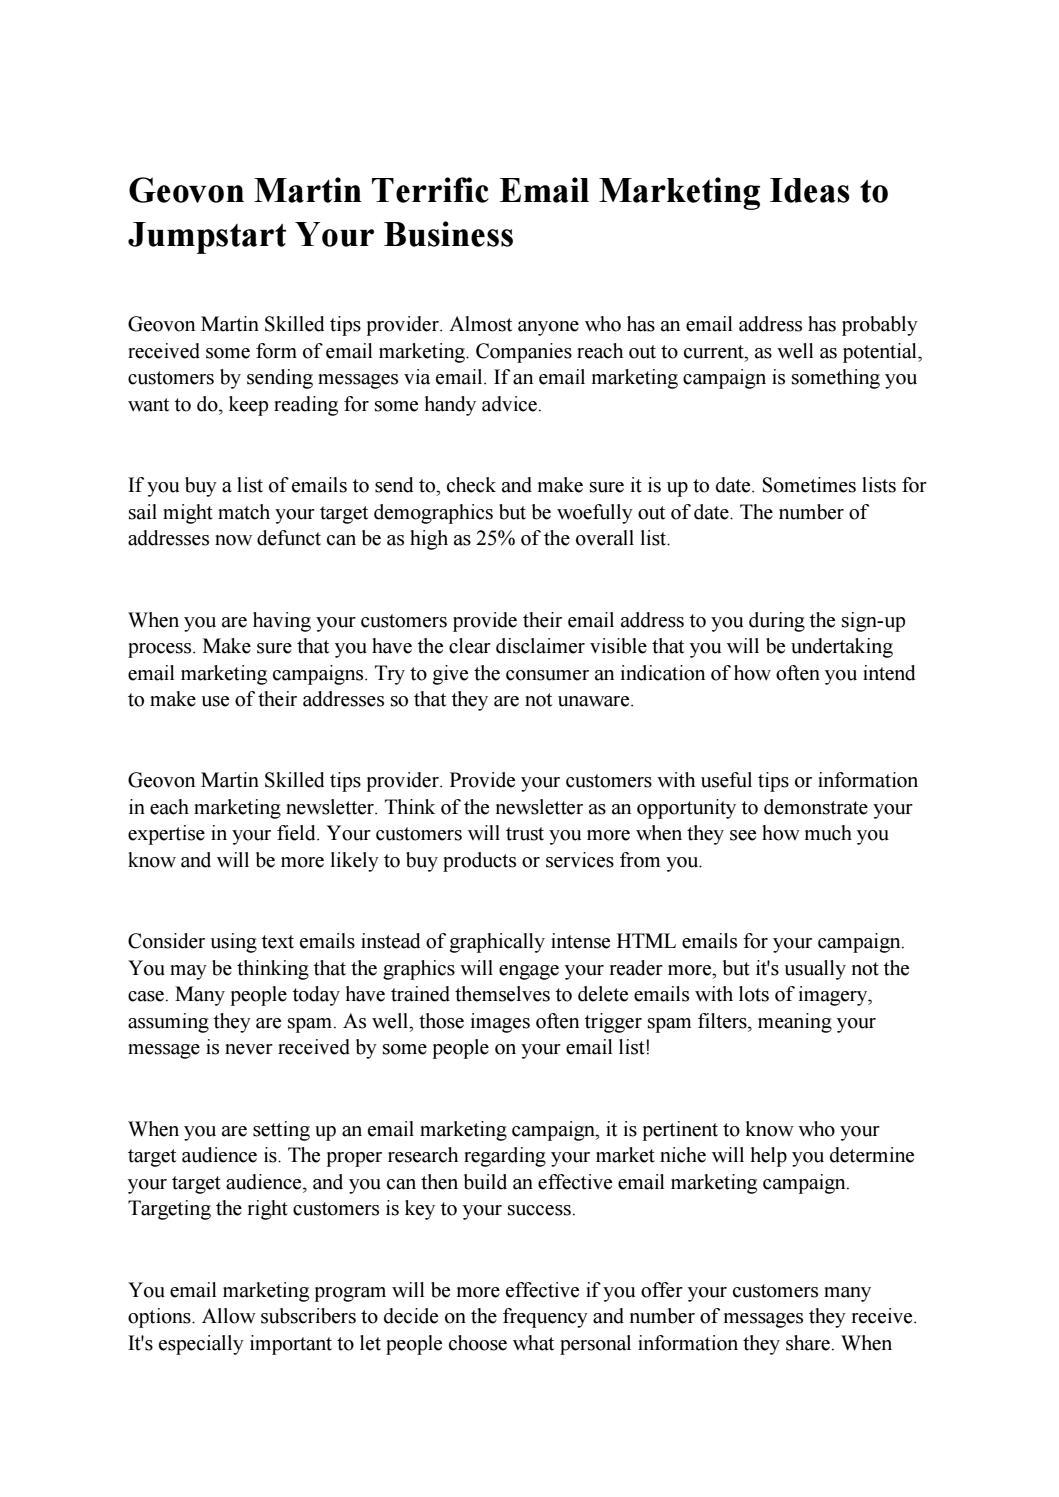 Geovon martin terrific email marketing ideas to jumpstart